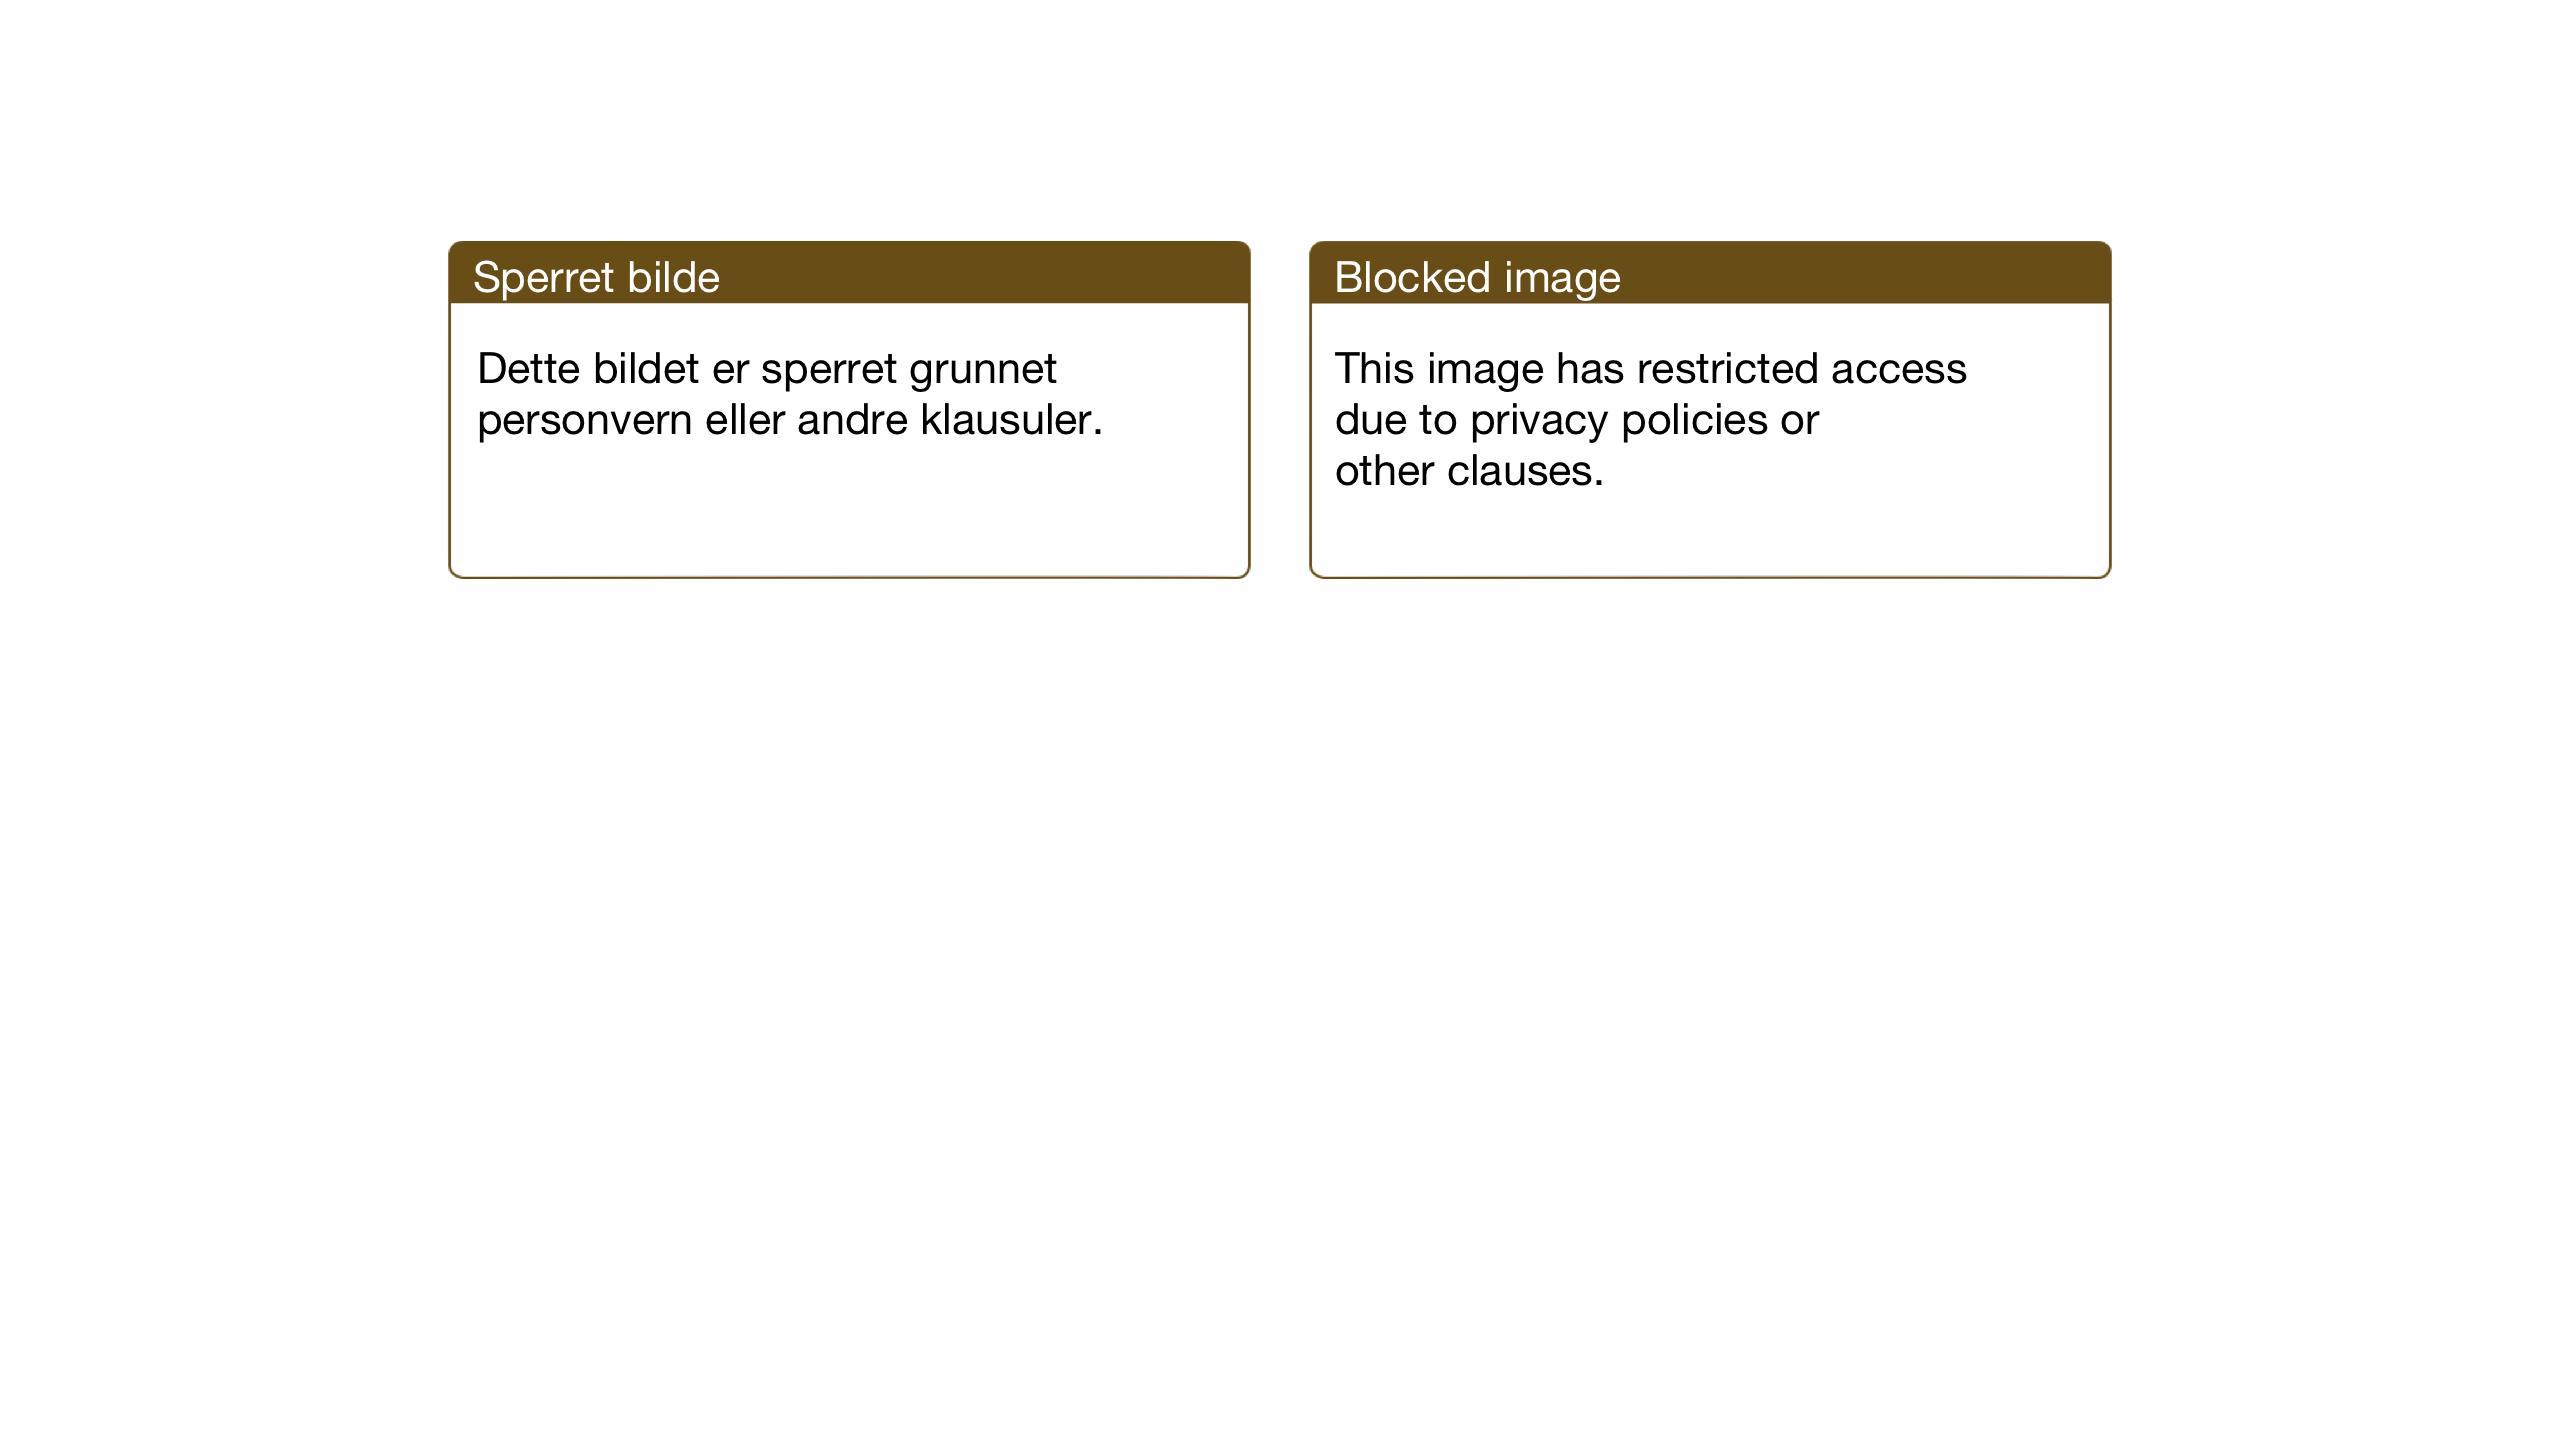 SAT, Ministerialprotokoller, klokkerbøker og fødselsregistre - Nord-Trøndelag, 741/L0403: Ministerialbok nr. 741C04, 1925-1944, s. 185